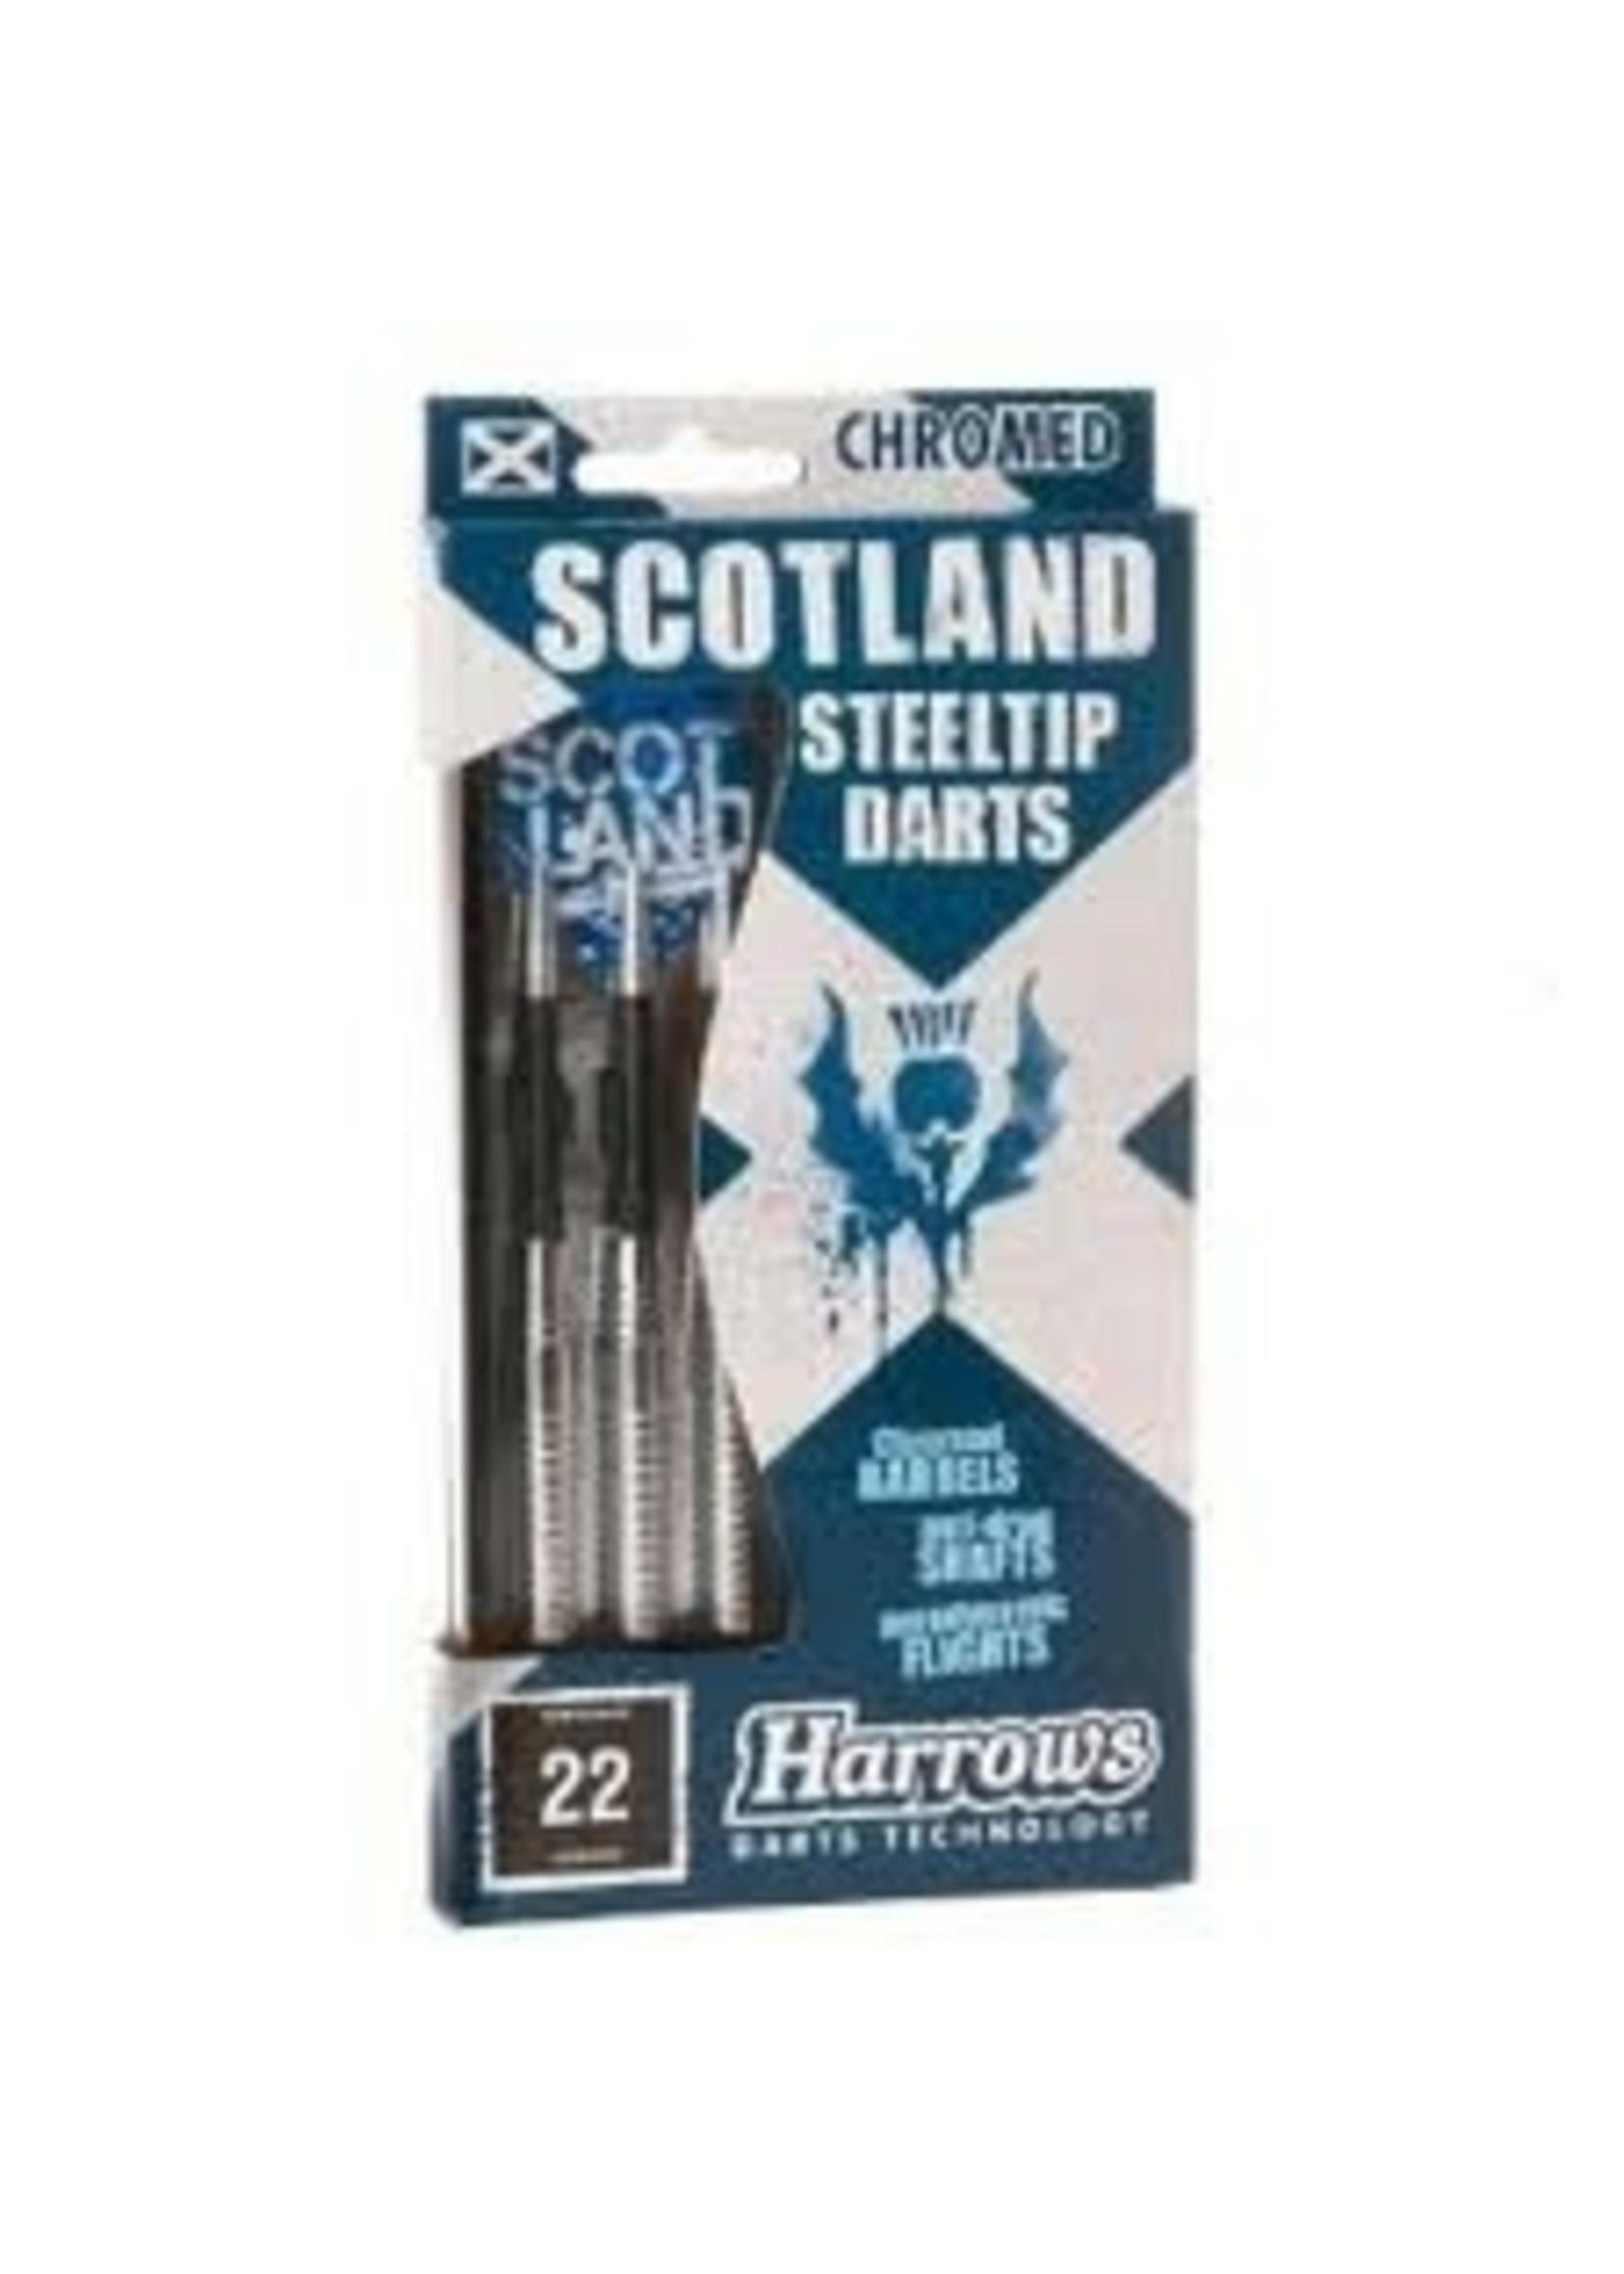 Harrows Harrows Dart Set - Scotland